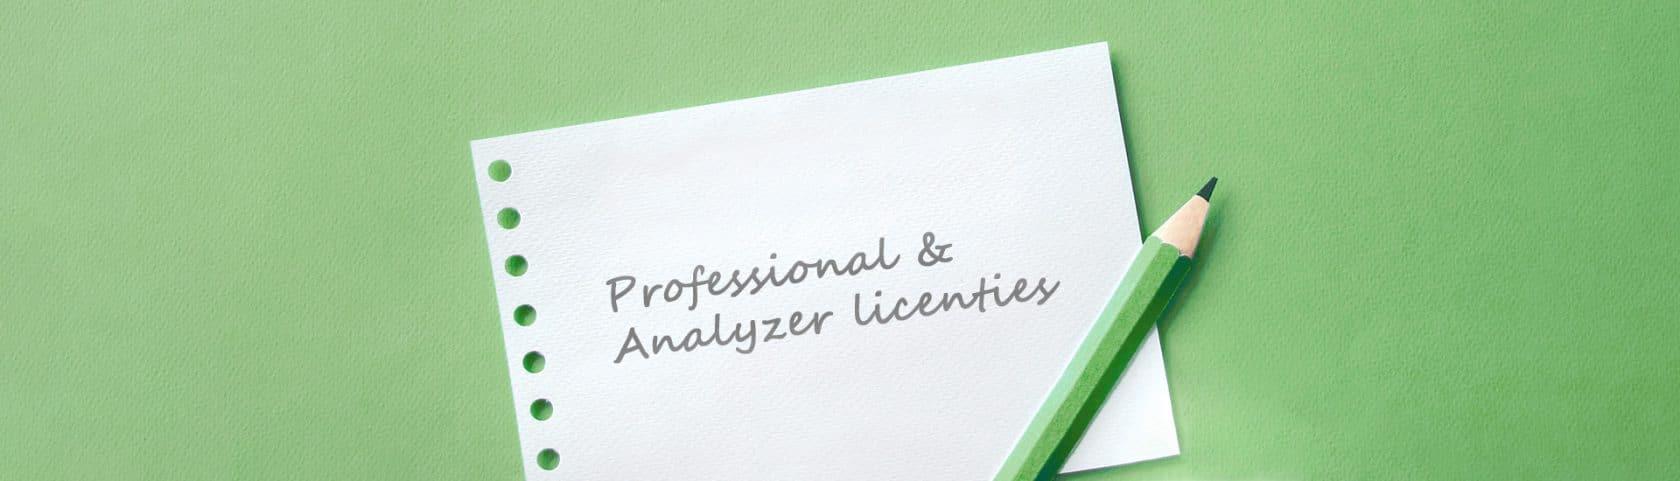 Qlik Sense licenties, Qlik Analyzer, Qlik Professional, Professional Qlik Sense, Analyzer Qlik Sense, Qlik licentie, Qlik licenties, e-mergo.nl